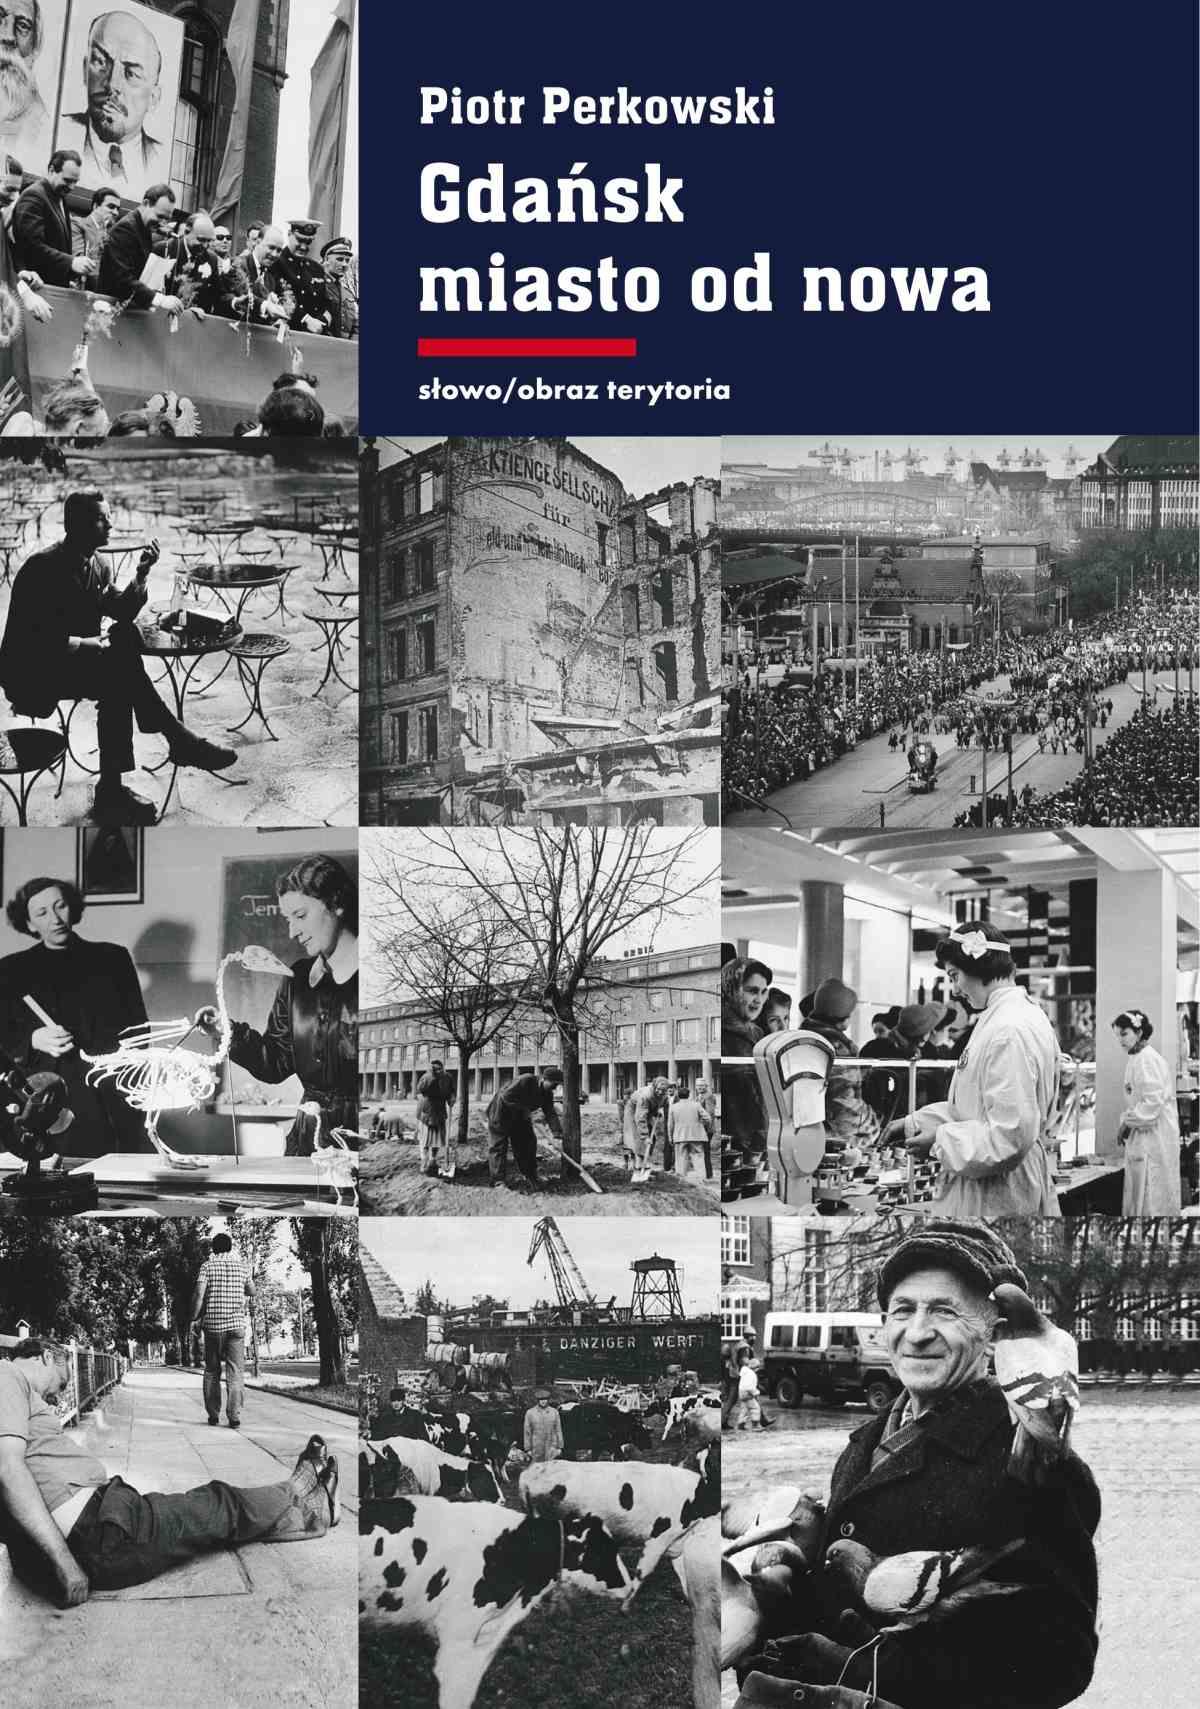 Gdańsk - miasto od nowa. Kształtowanie społeczeństwa i warunki bytowe w latach 1945–1970 - Ebook (Książka na Kindle) do pobrania w formacie MOBI